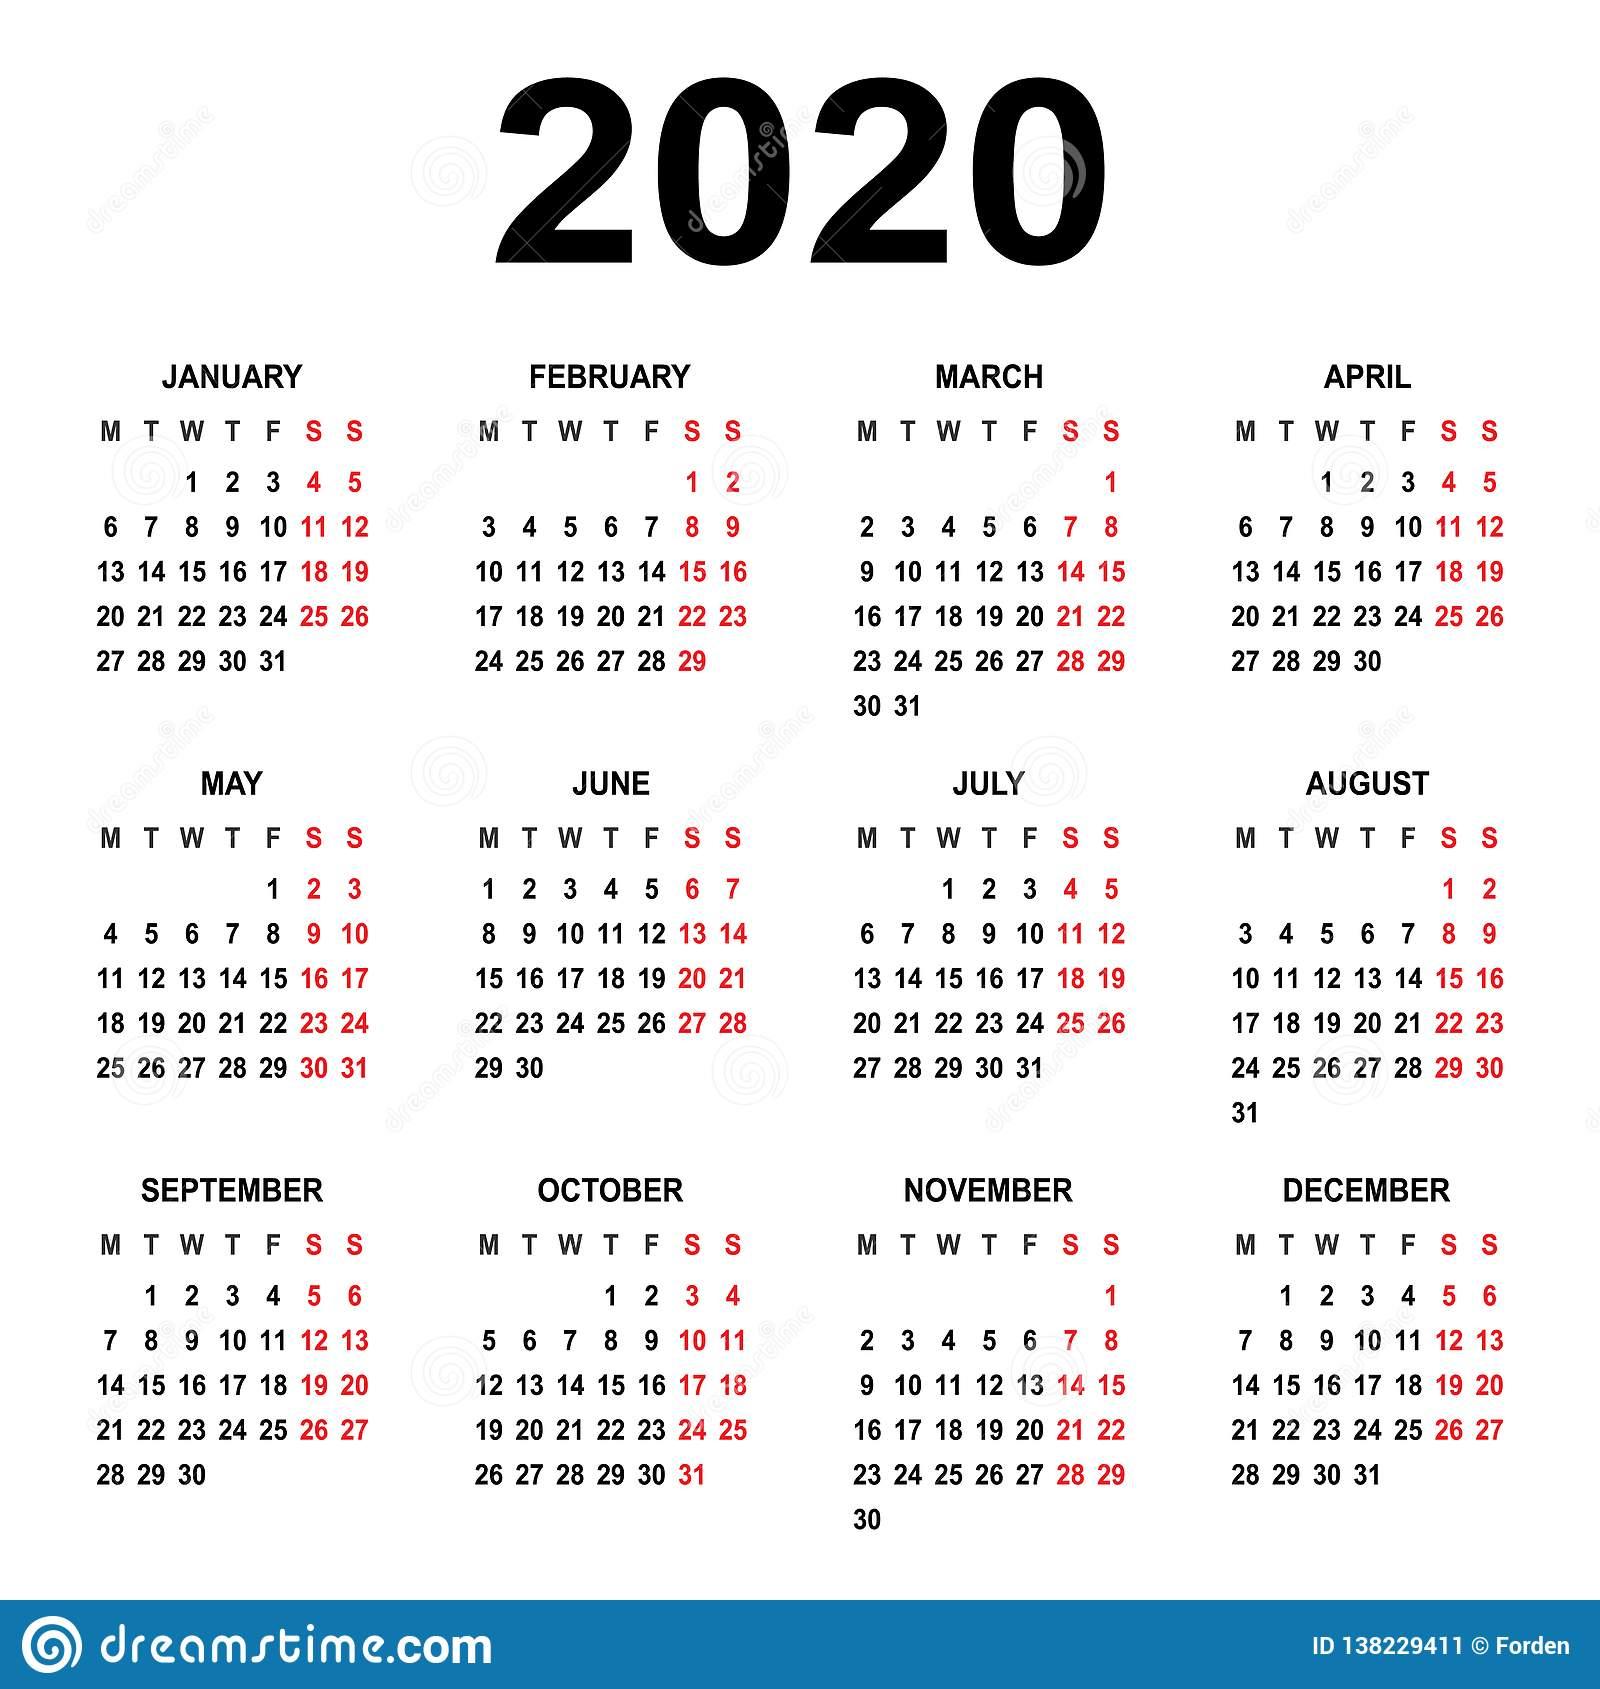 Календарь 2020 Старты Недели На Понедельнике Основная Решетка for U Of R 2020 Calendar